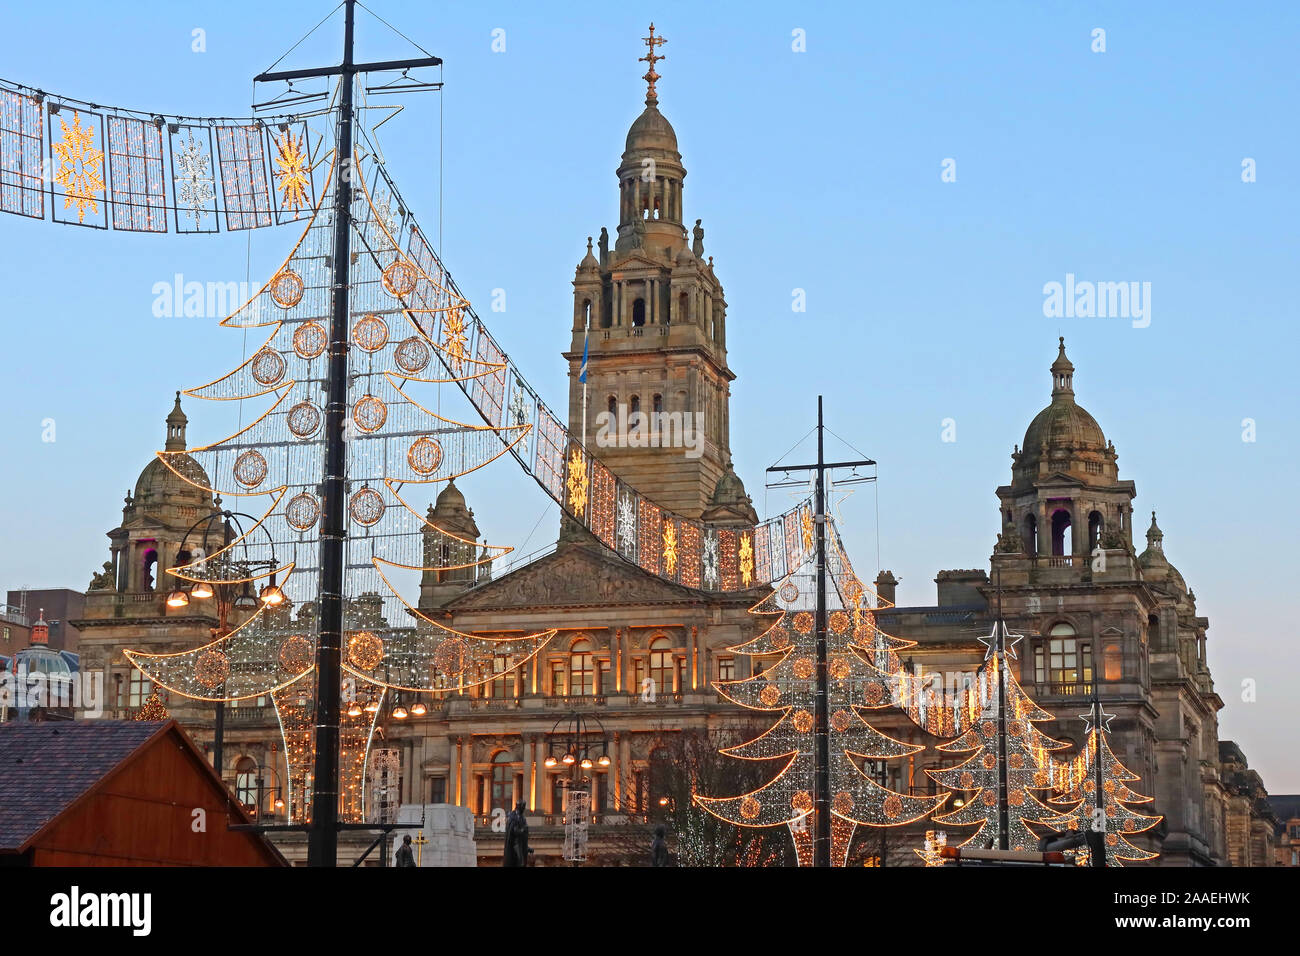 Dieses Stockfoto: Glasgow Weihnachten Festliche Lichter, George Square, Glasgow, Schottland, Großbritannien, G2 - 2AAEHW